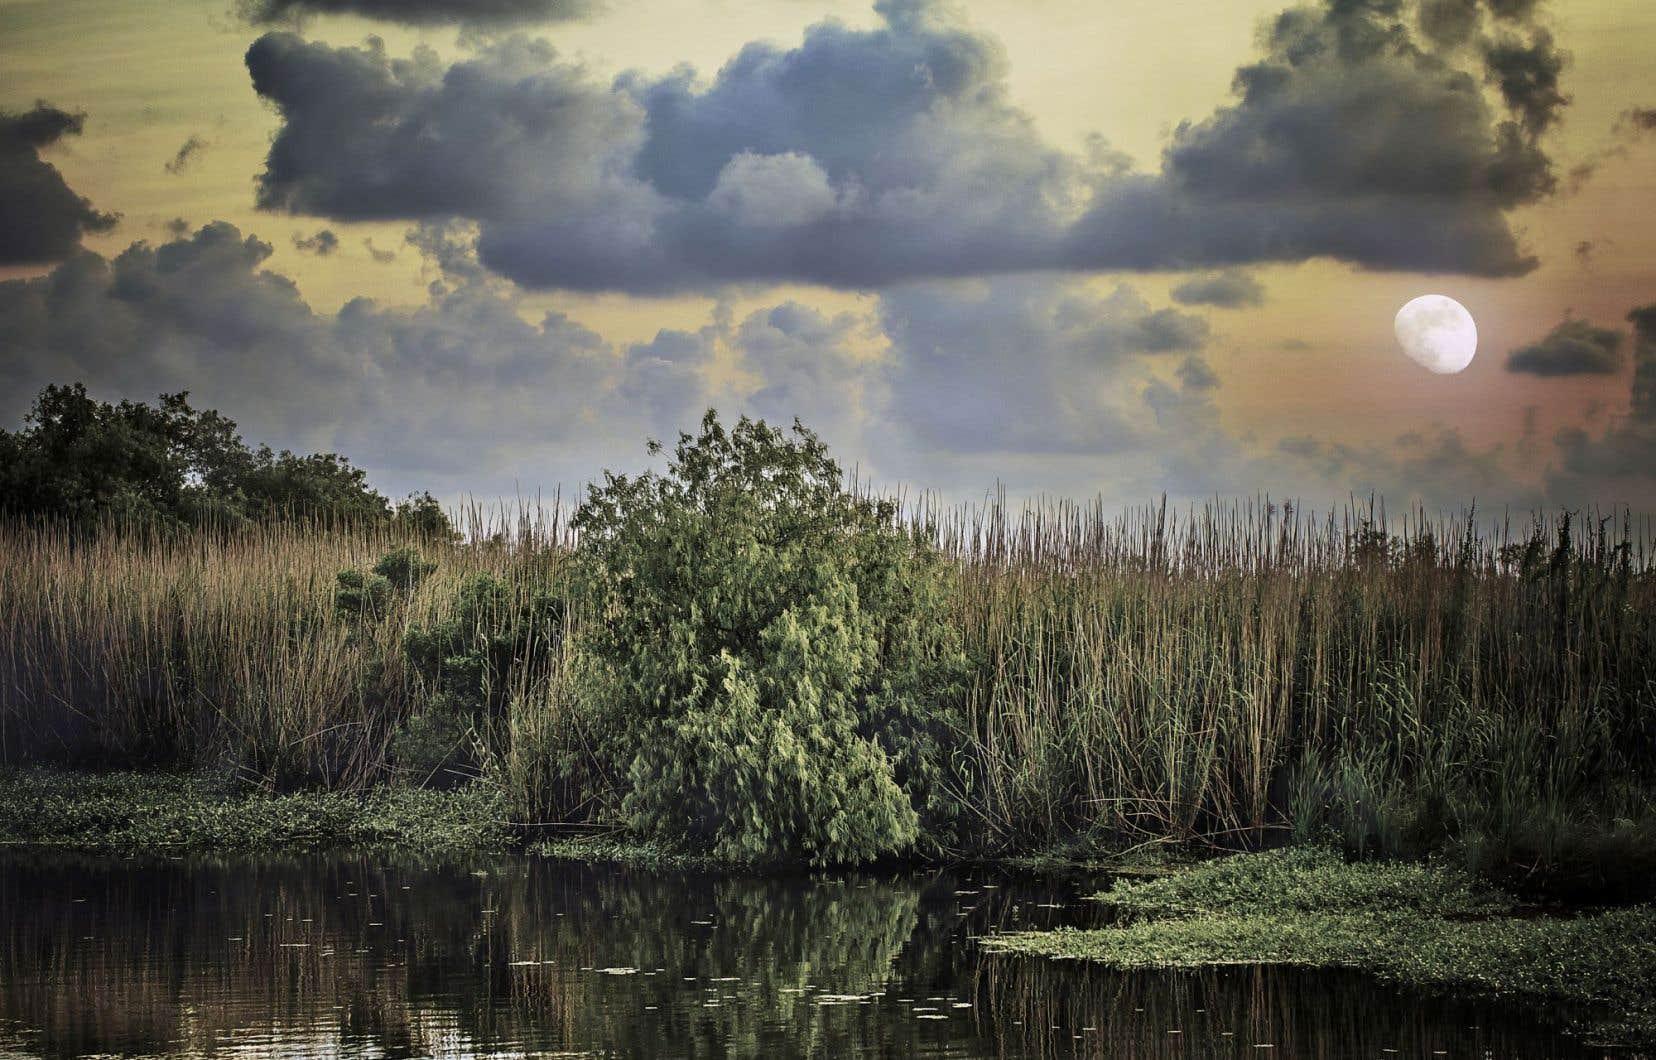 La Louisiane, le bayou, un antihéros qui sillonne la baie de Barateria à la poursuite des chevrettes... L'écriture de Tom Cooper traduit à merveille les ambiances lourdes et embrumées.